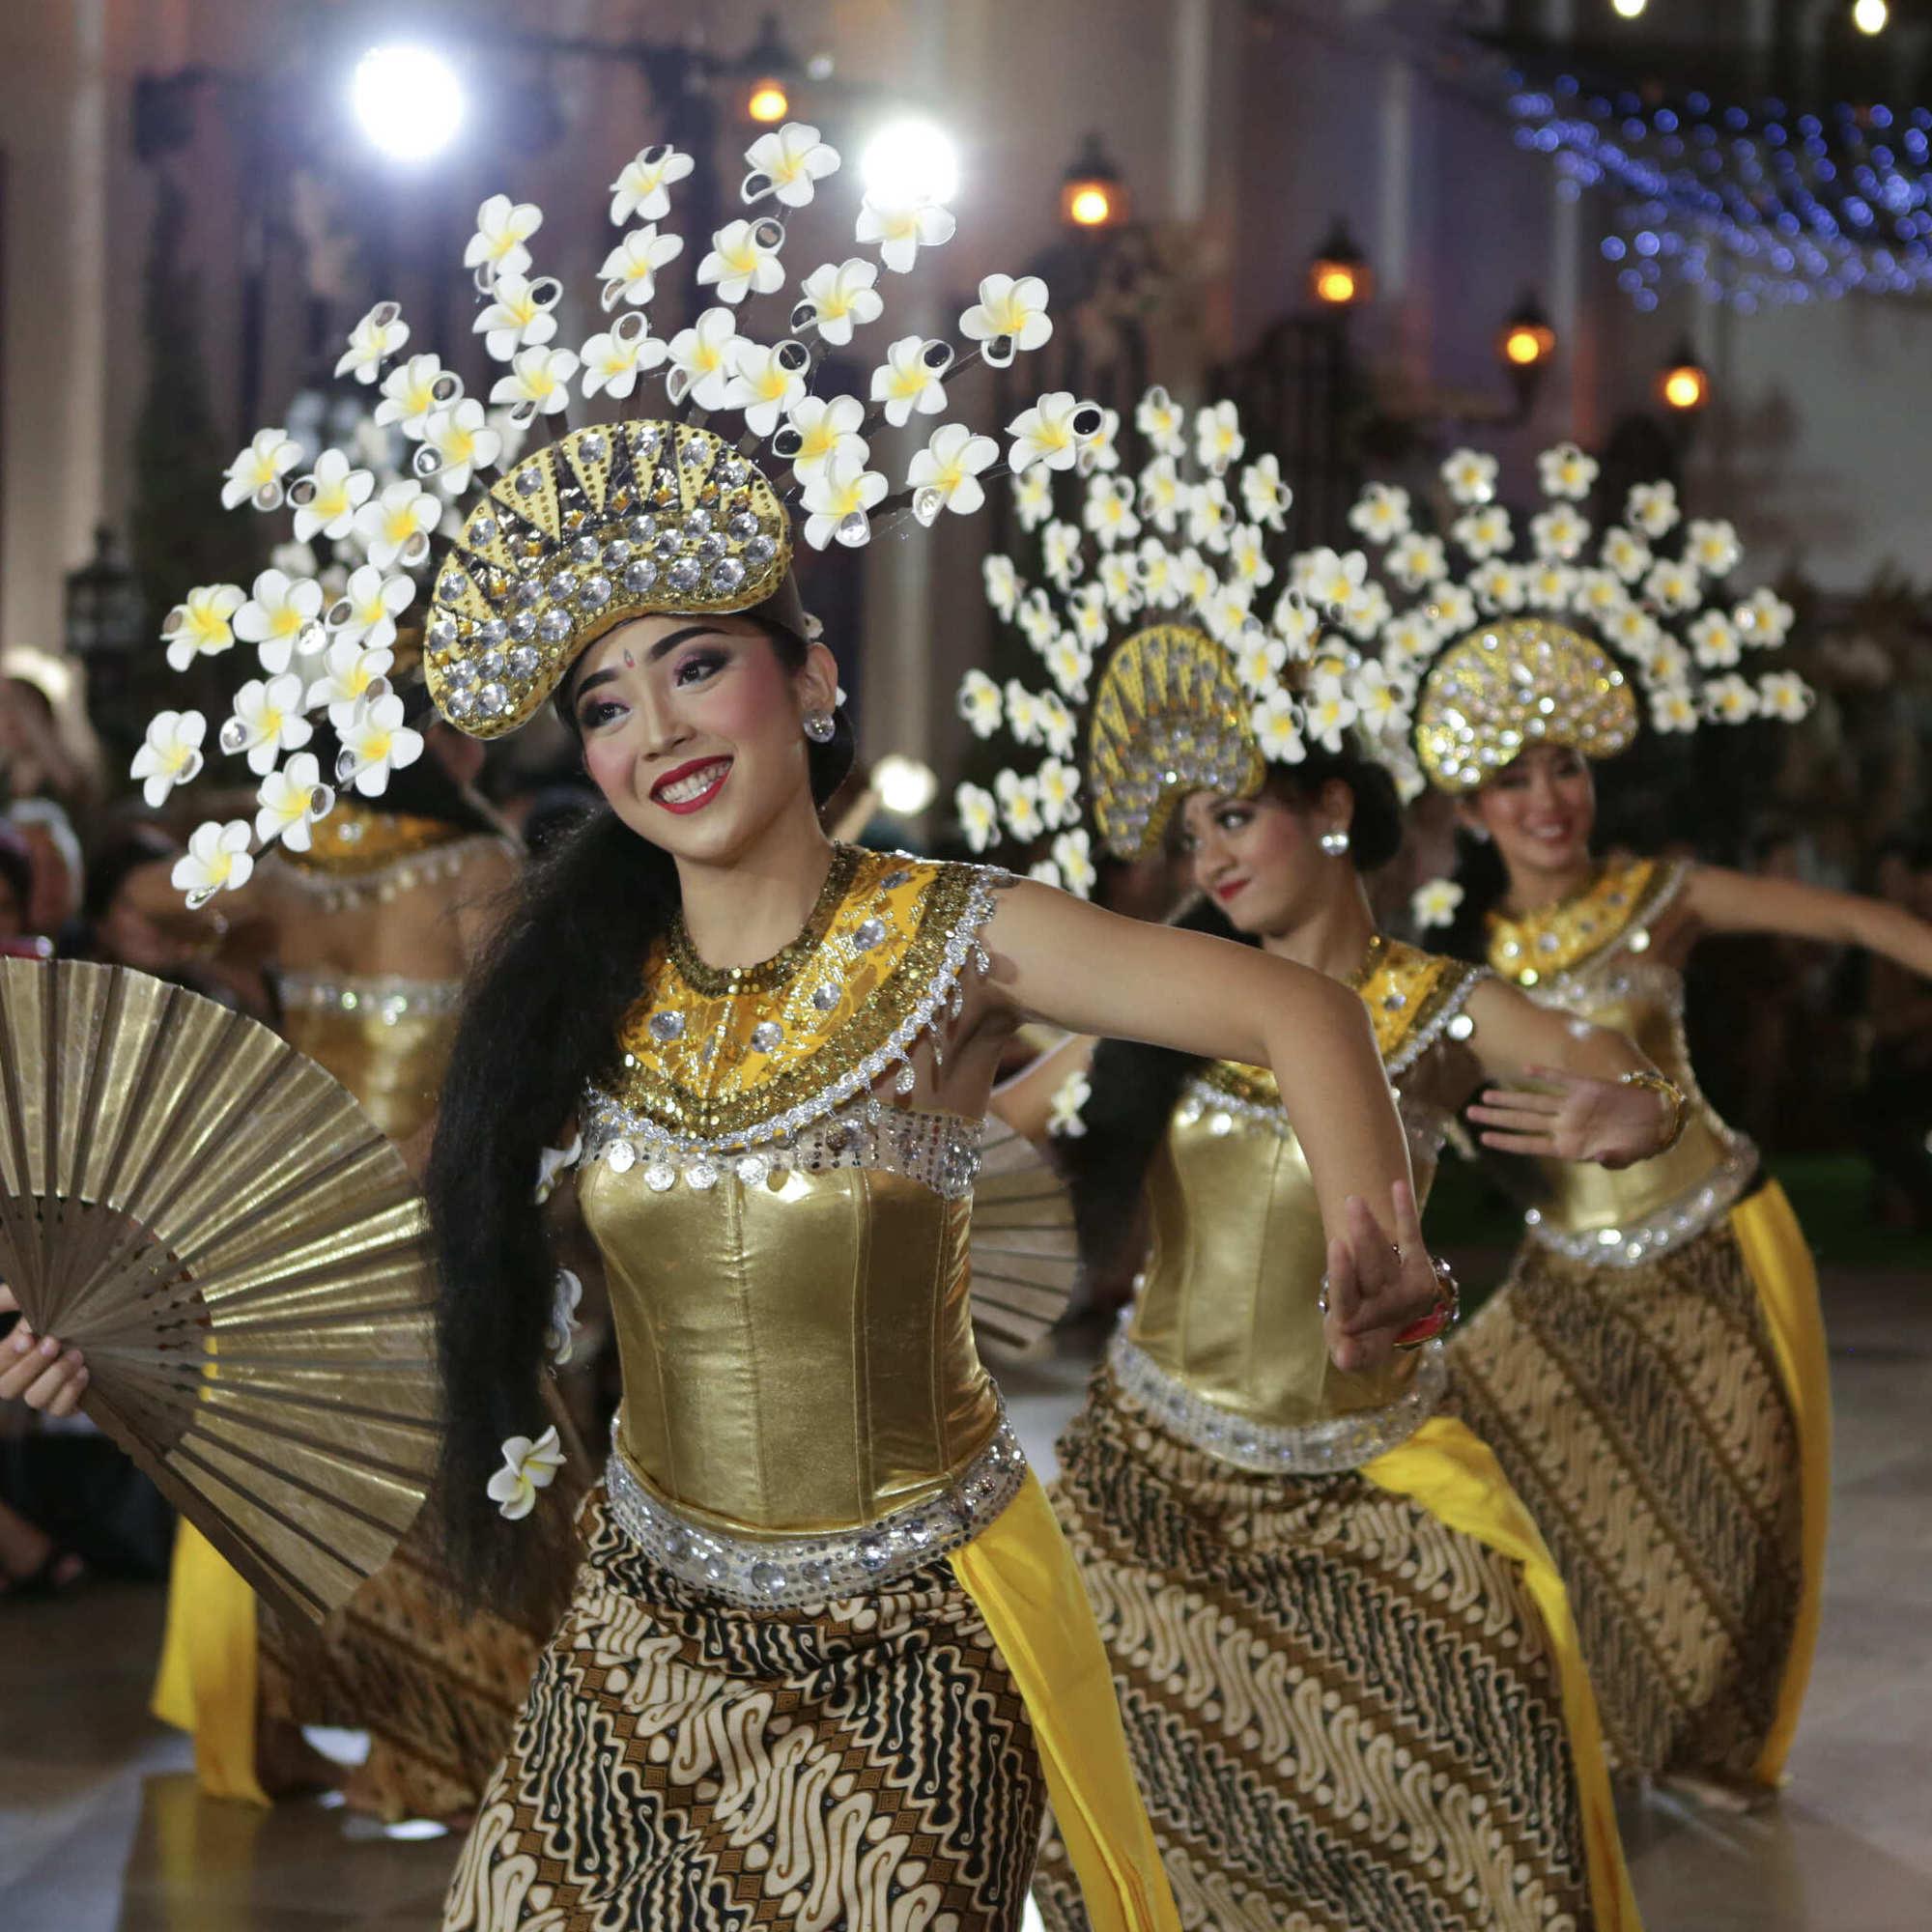 Sambut Hari Batik Nasional Dengan Bincang Santai Tentang Batik